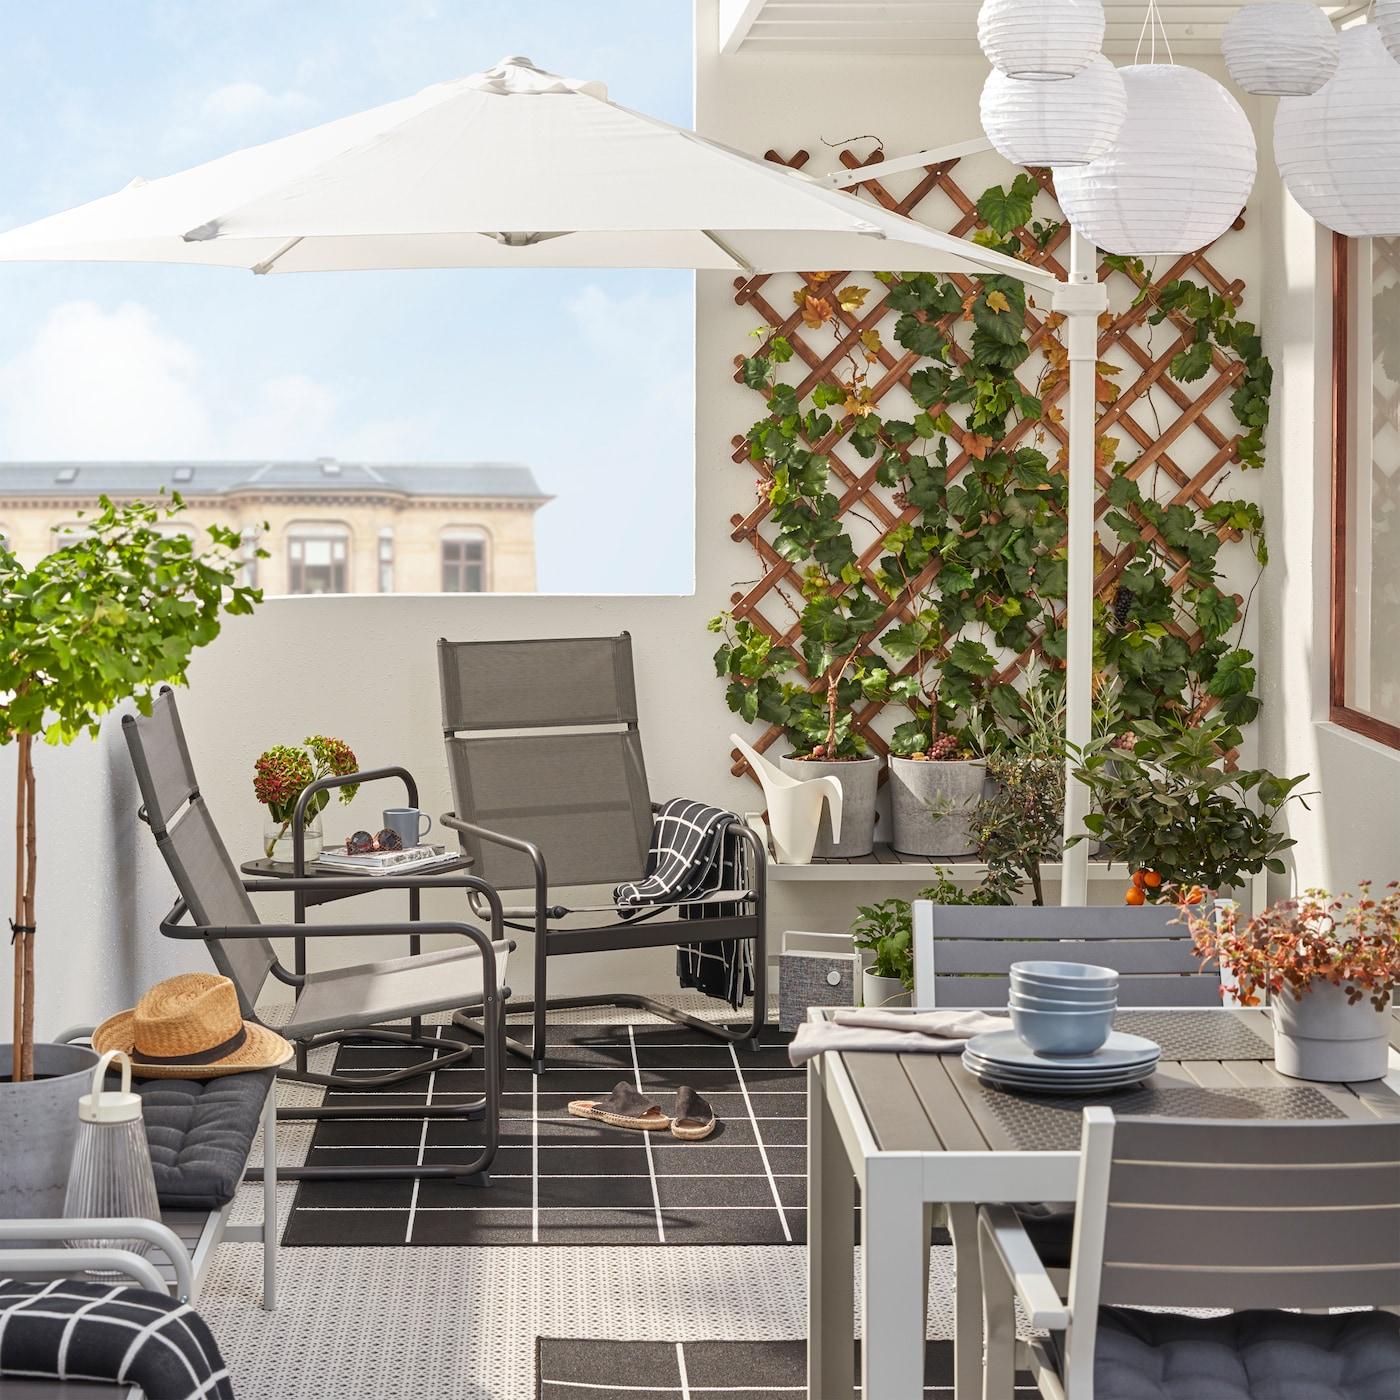 Altan med HUSARÖ lænestole og sofabord, en hvid parasol, spisebord og stole i gråt og sorte/hvide tæpper.